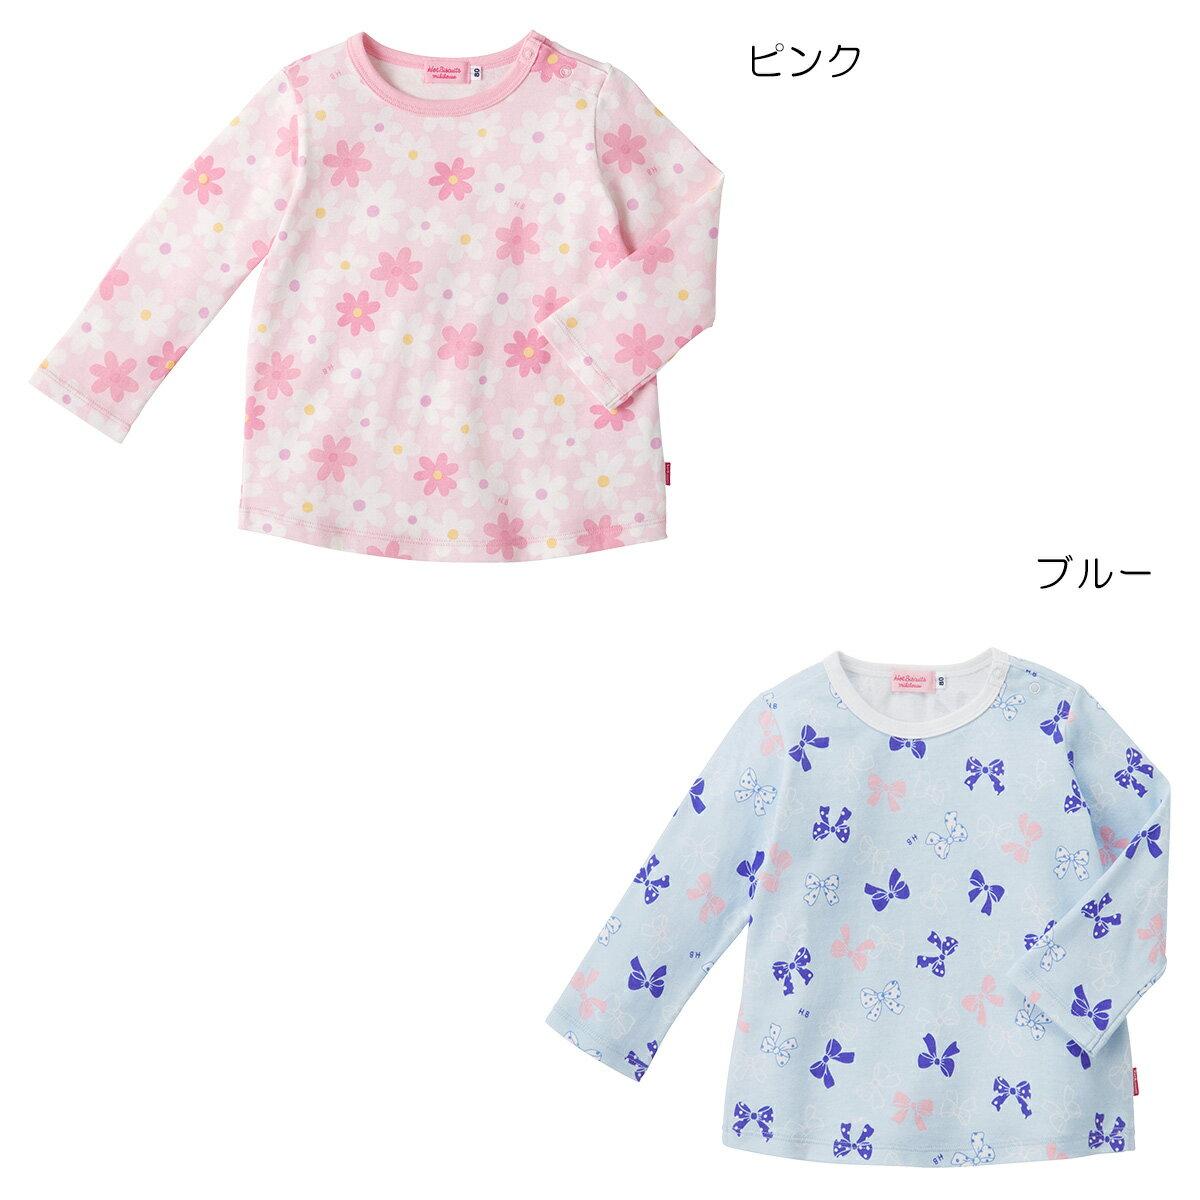 ミキハウス ホットビスケッツ mikihouse お花&リボン柄プリント長袖Tシャツ(70cm-110cm)